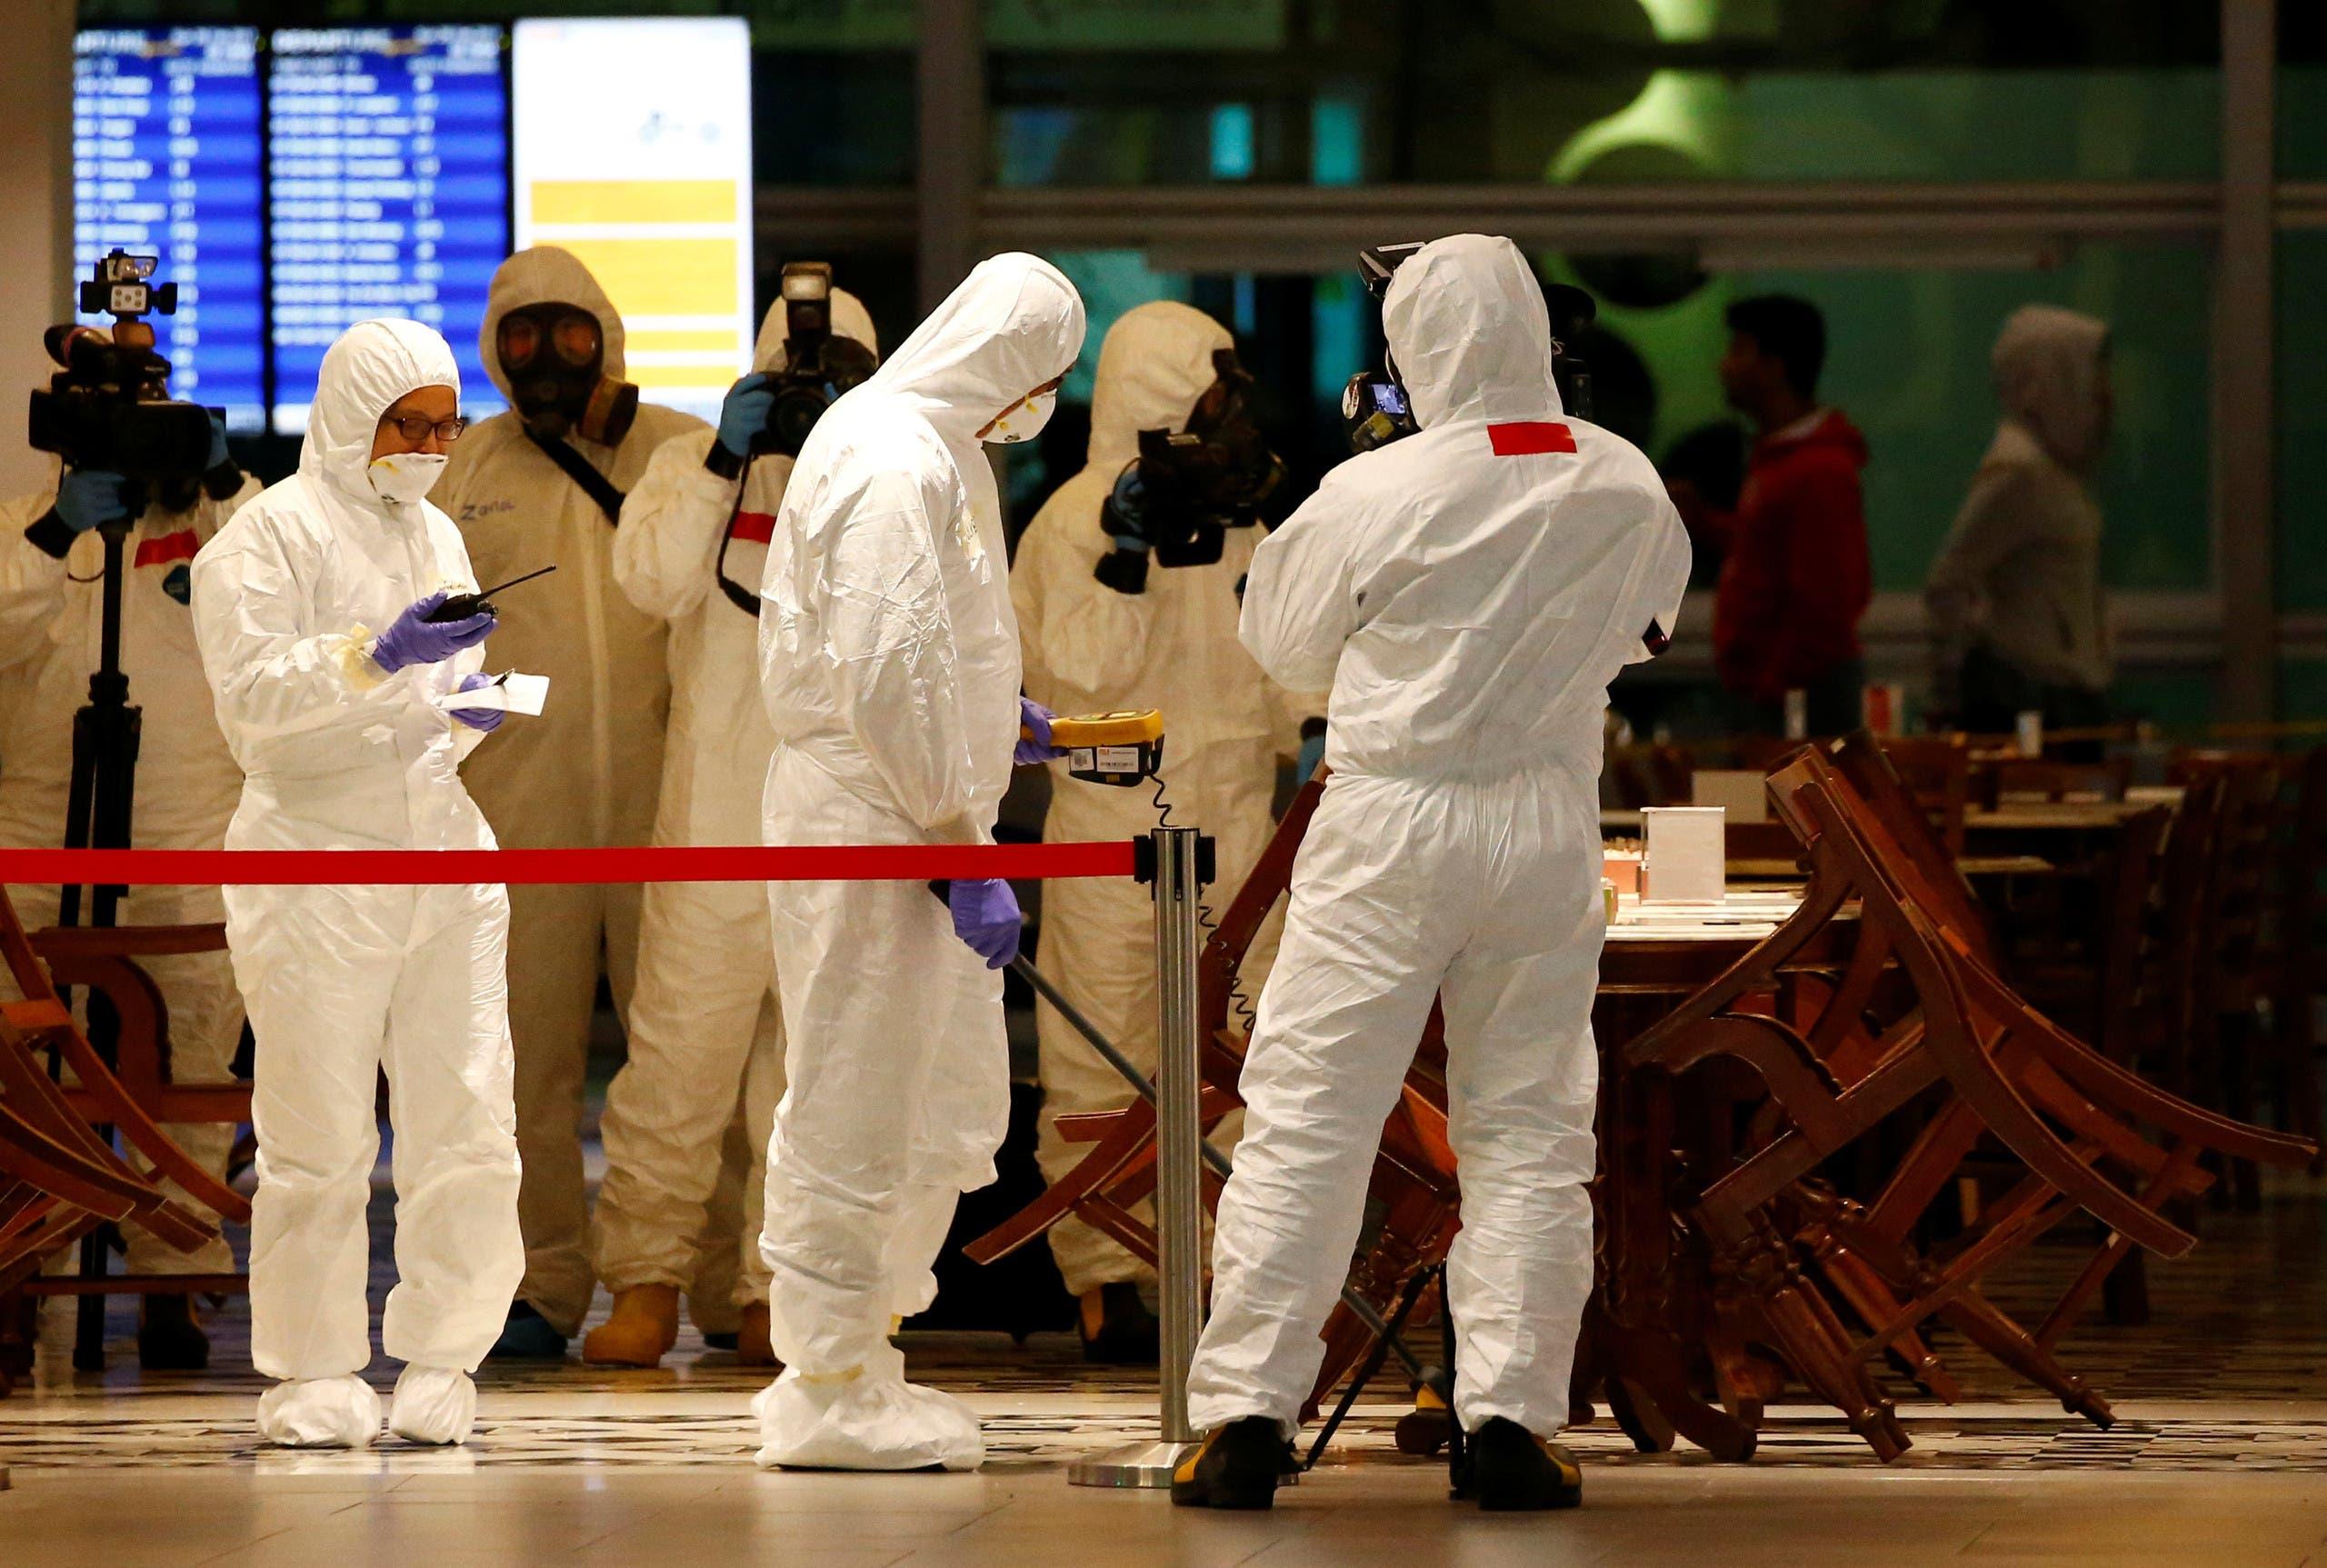 المطار آمن تماما ولا توجد مواد خطيرة — الحكومة الماليزية